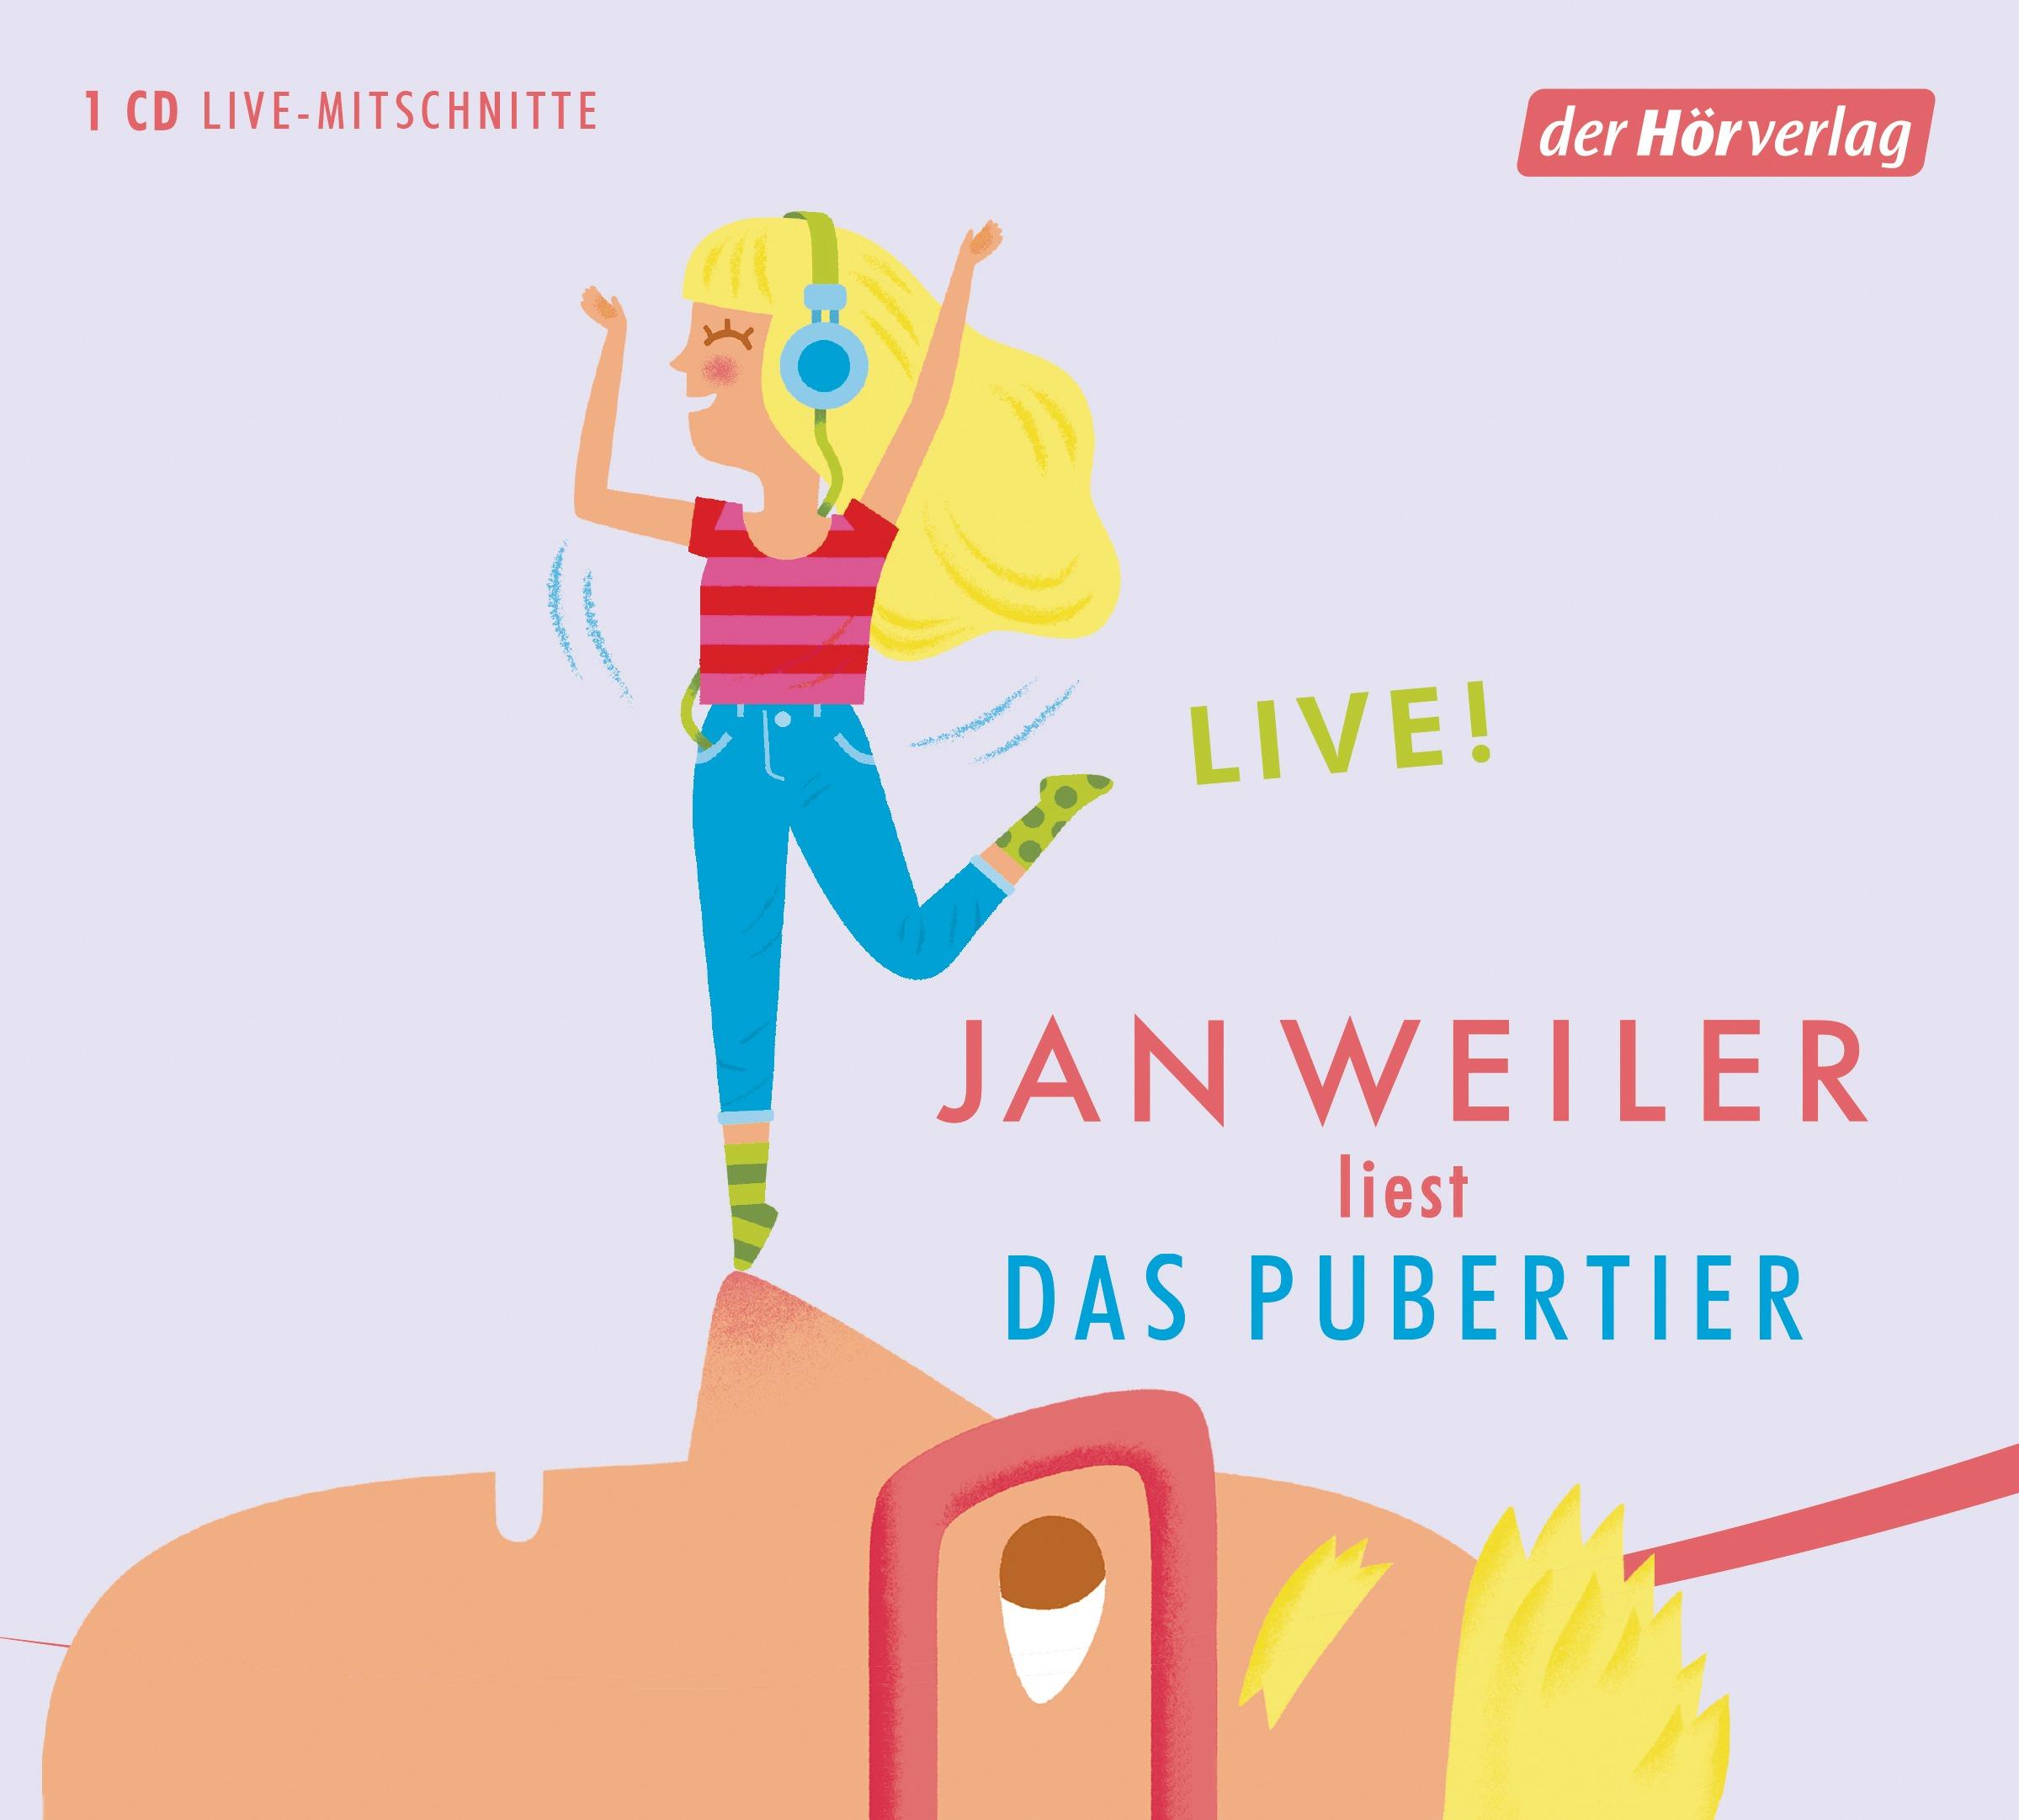 Das Pubertier - Jan Weiler [Audio CD]